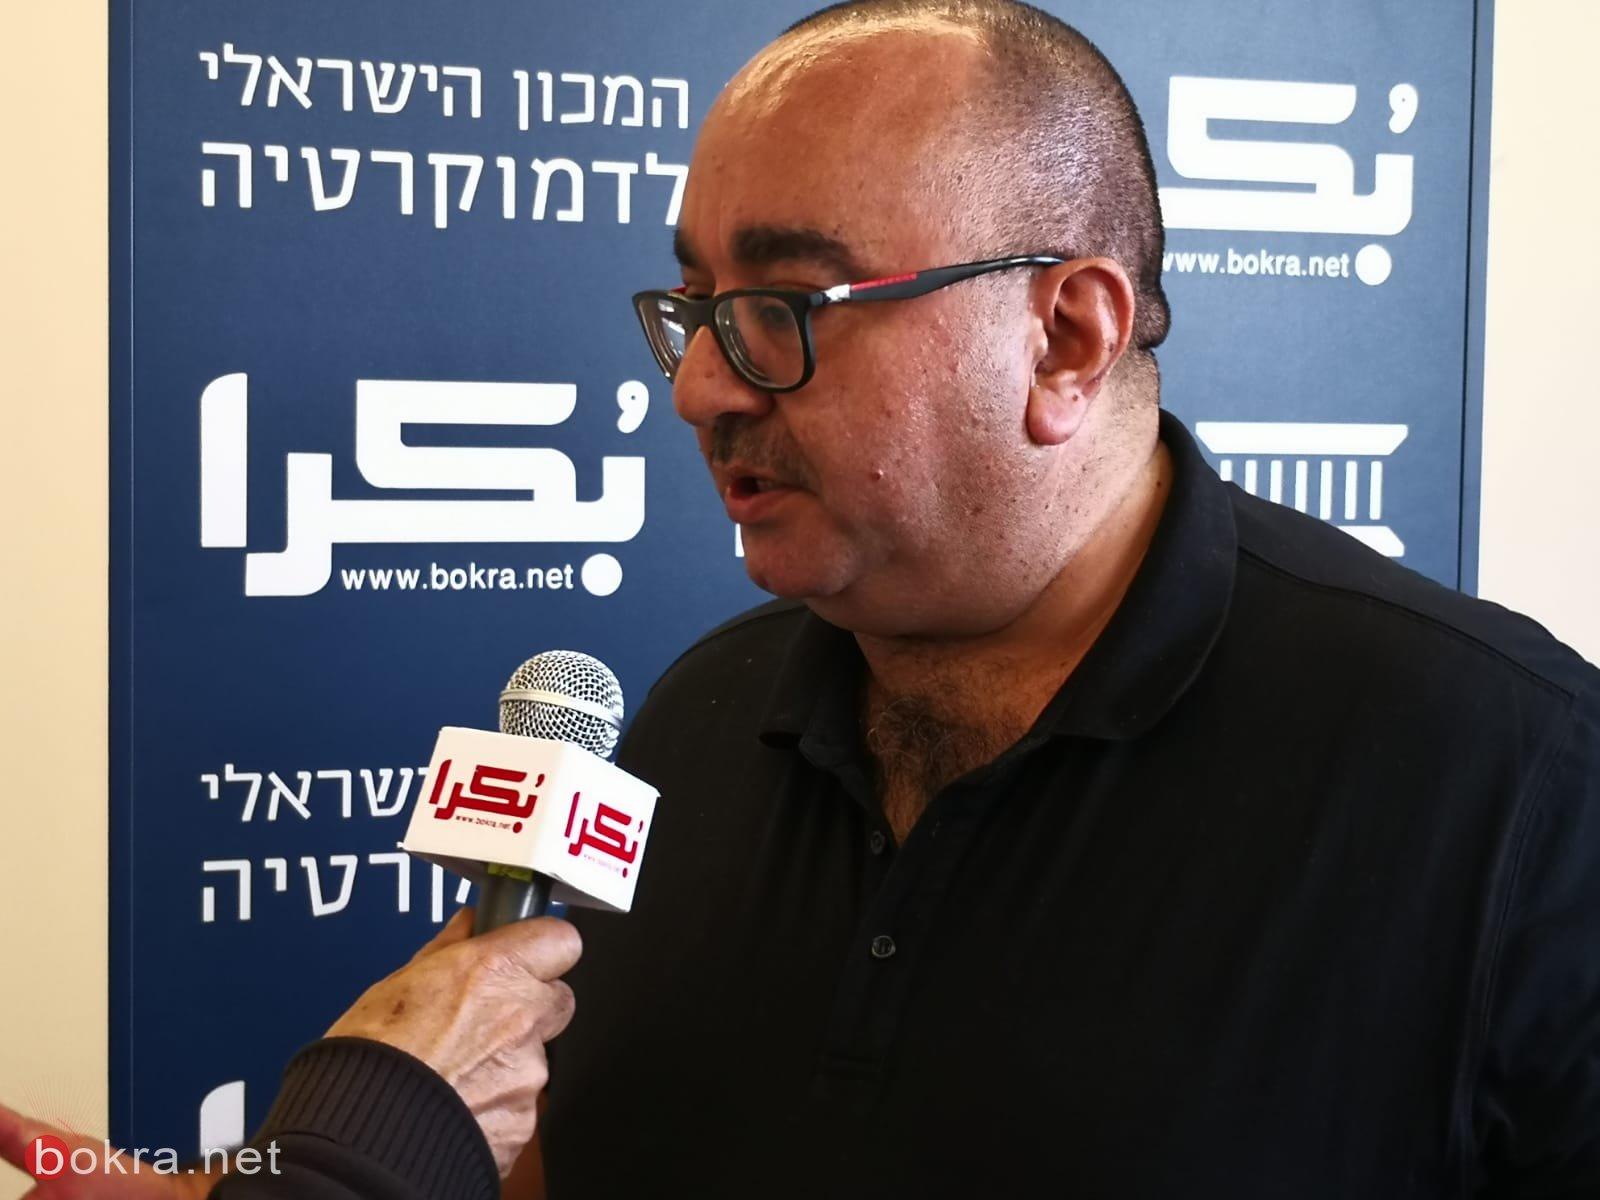 العنف في المجتمع العربي، أسبابه، والحلول لمكافحته؟ .. يوم دراسي في الناصرة-115